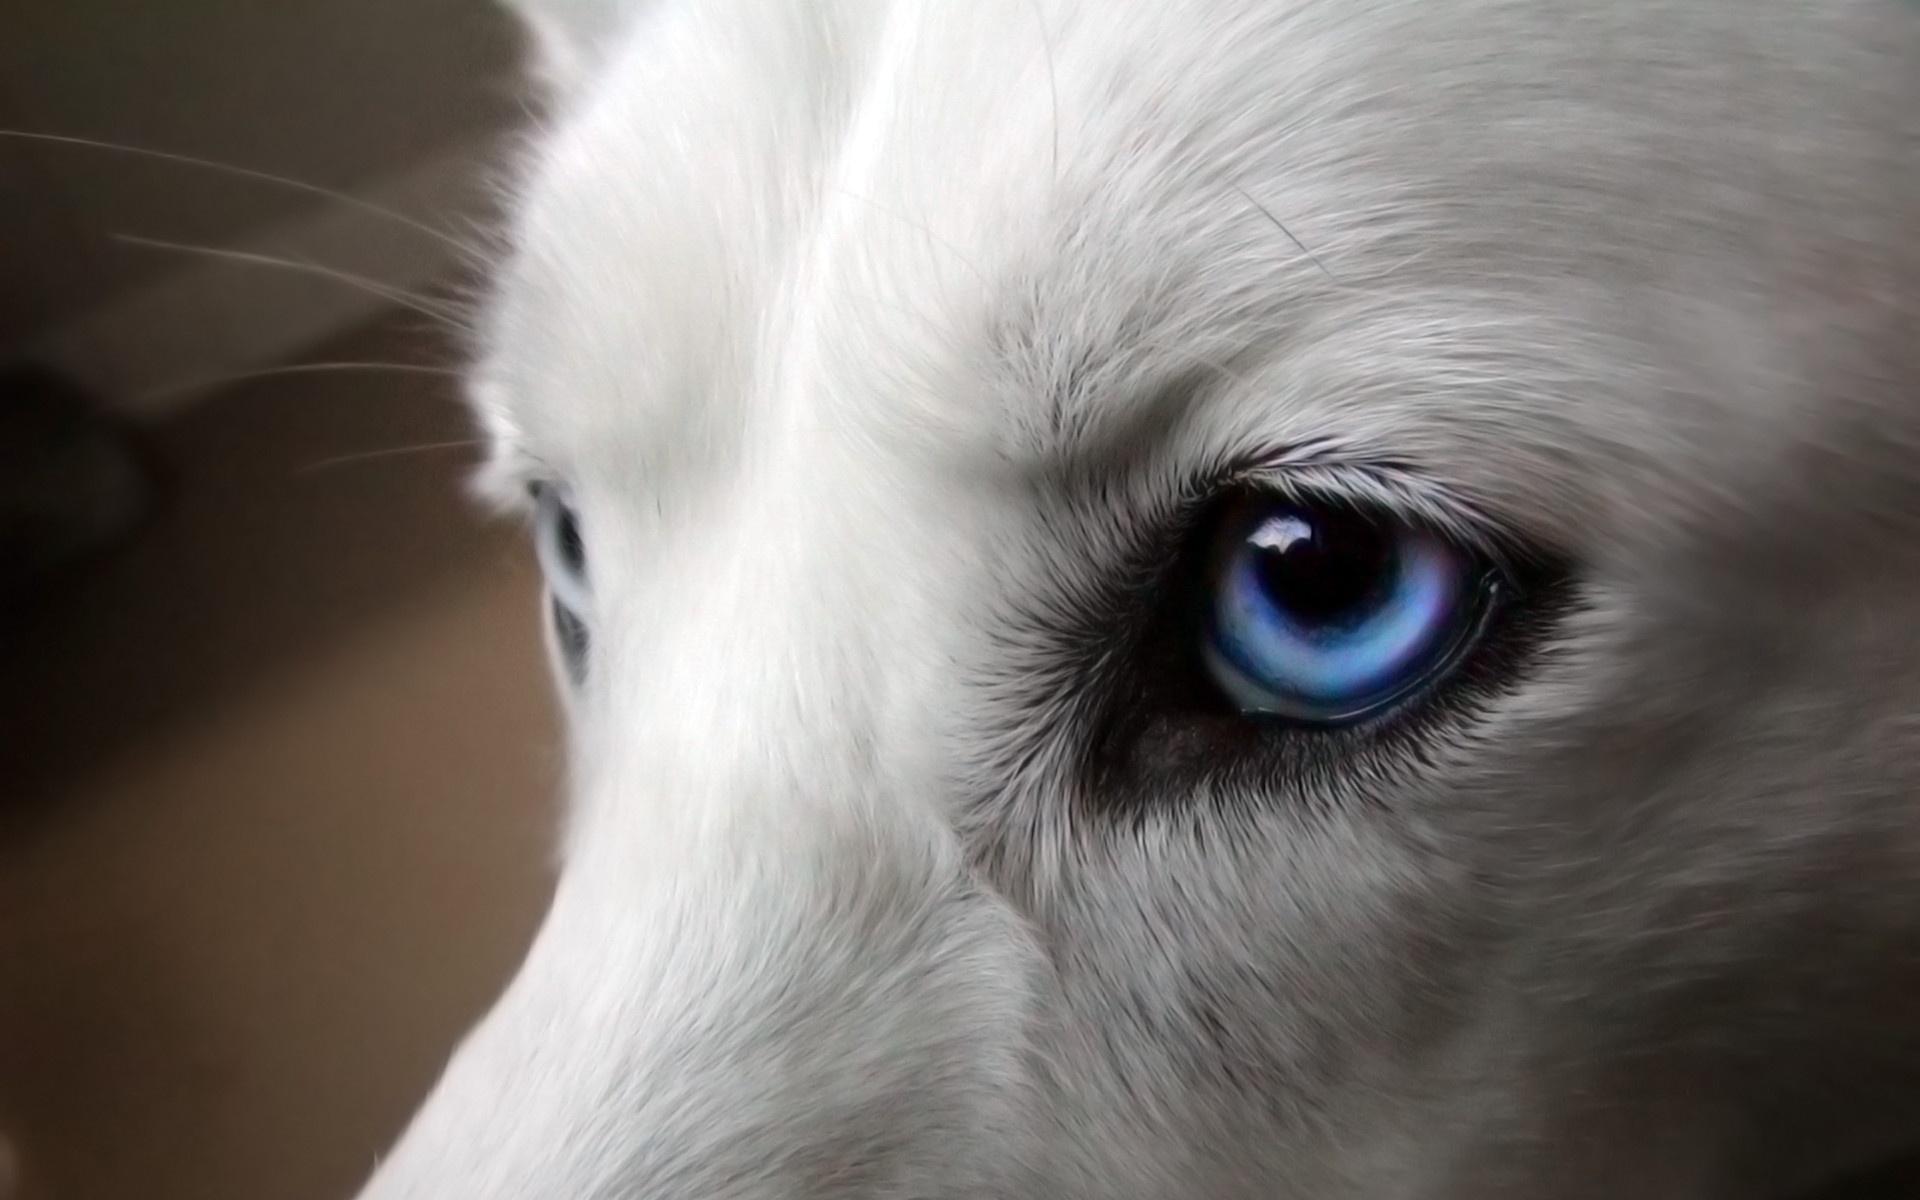 собака с голубыми глазами, фото, обои, для рабочего стола